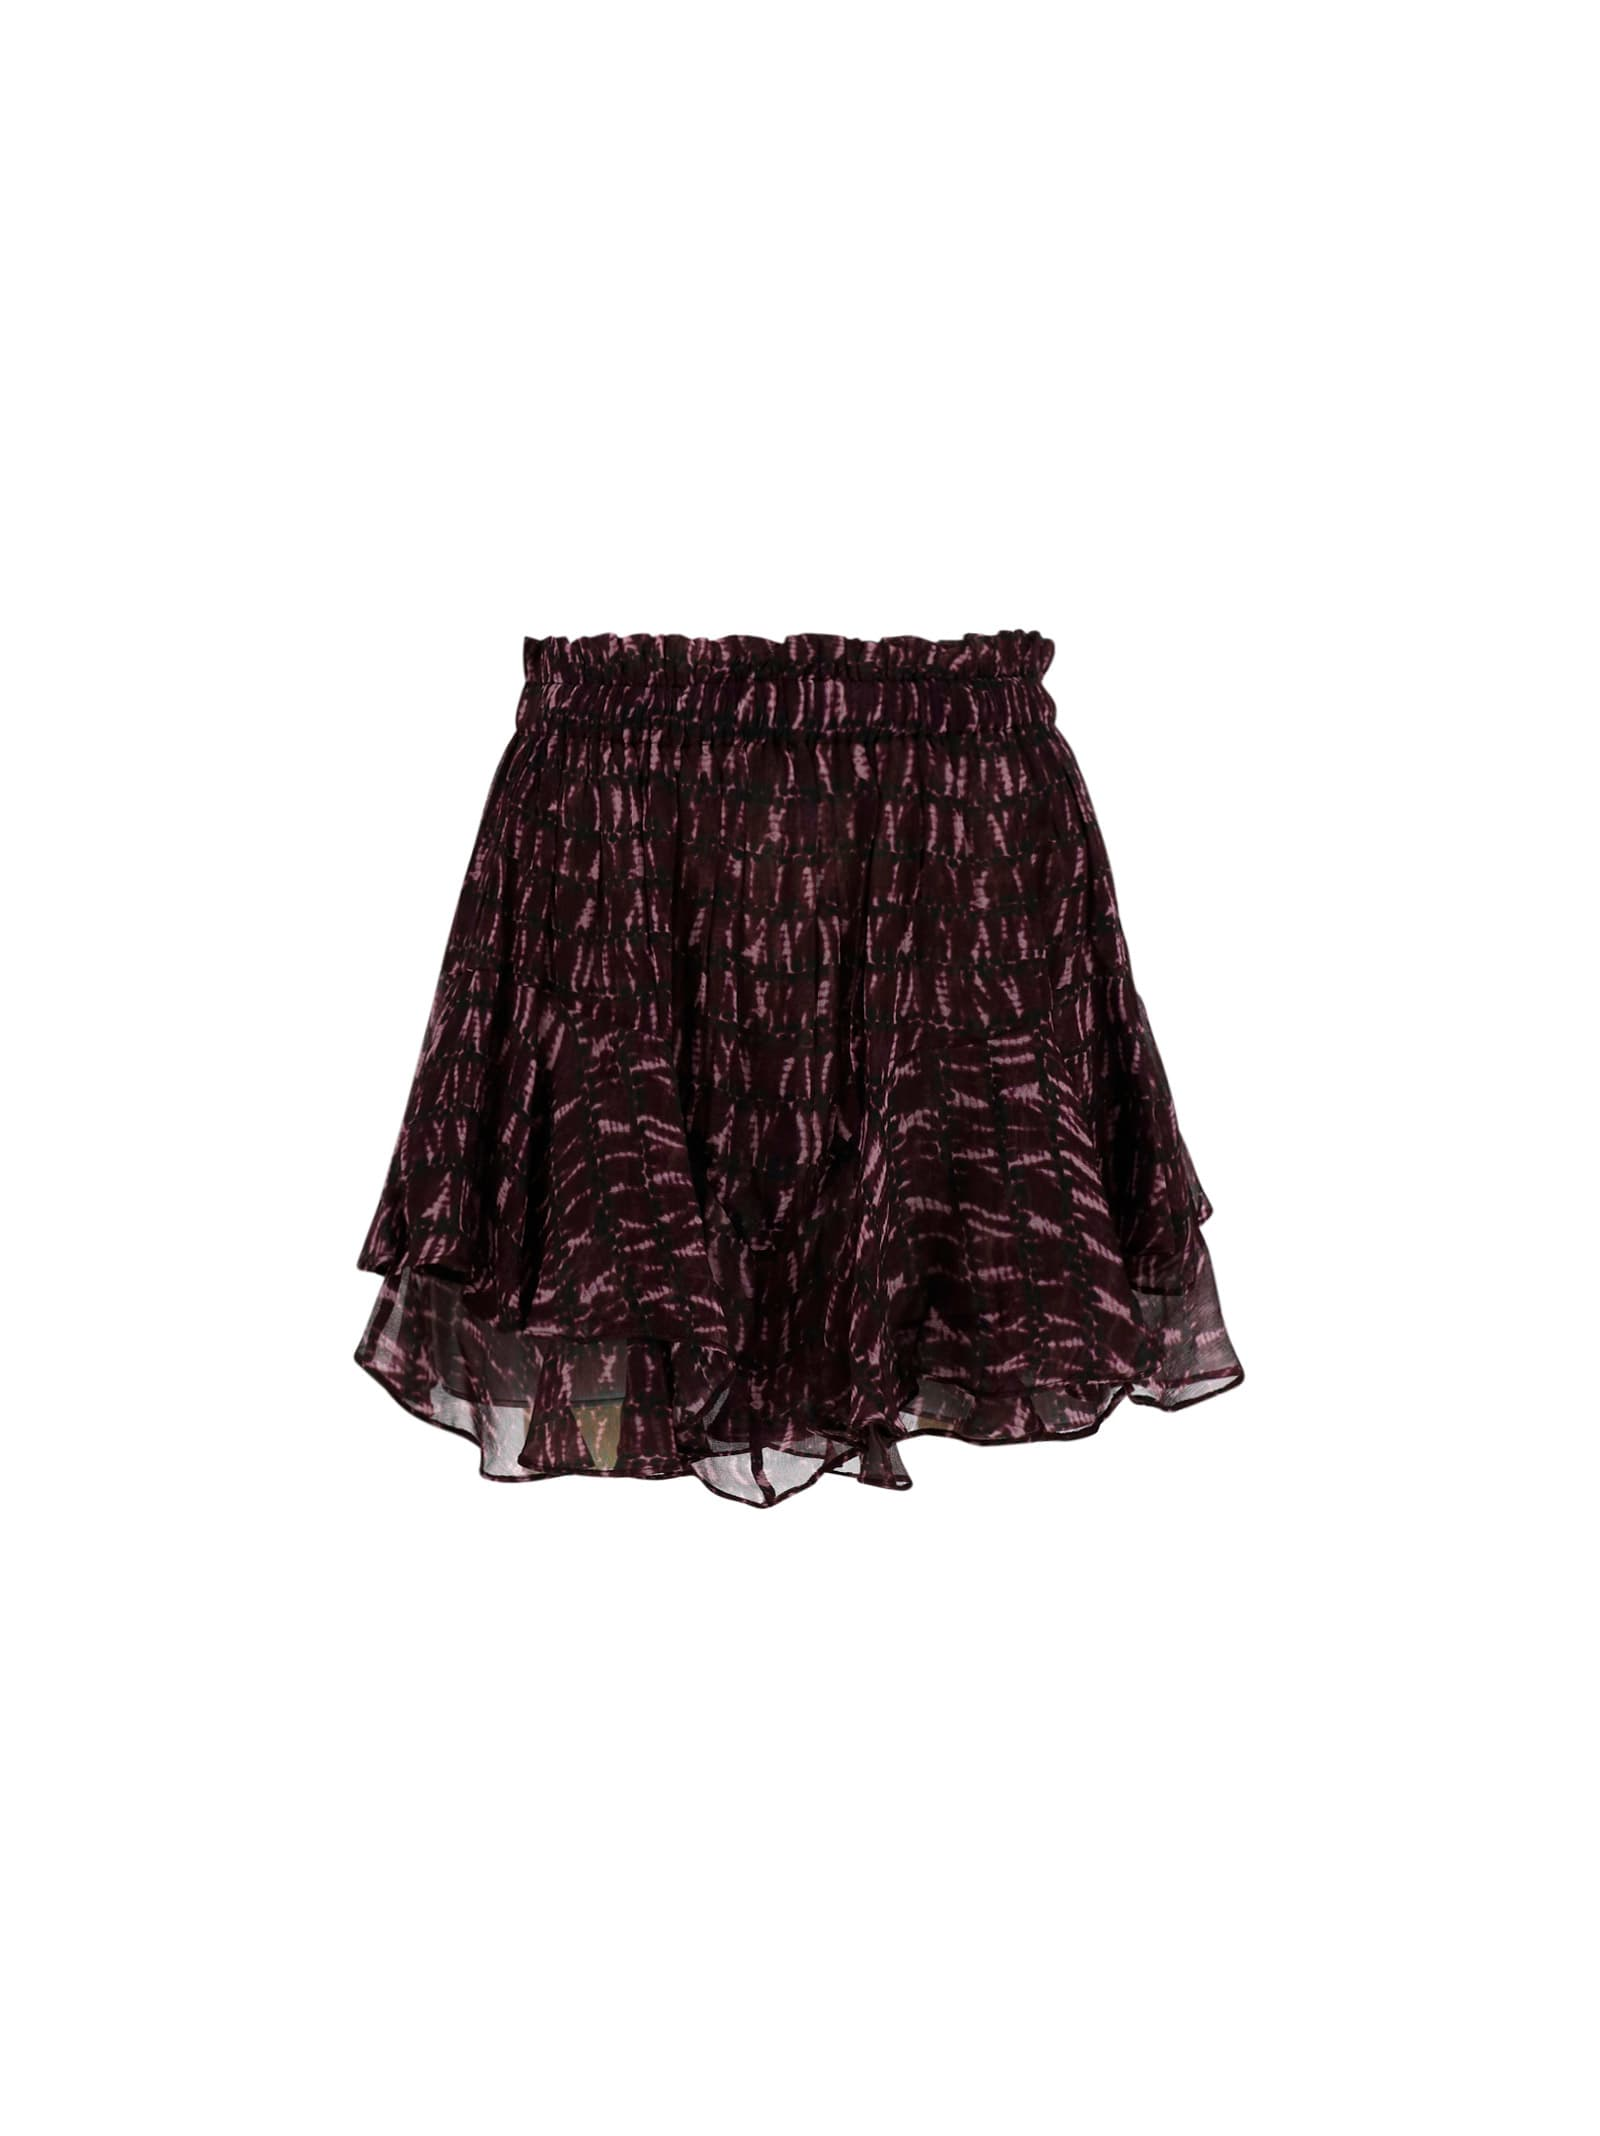 Isabel Marant Shorts ETOILE SHORTS